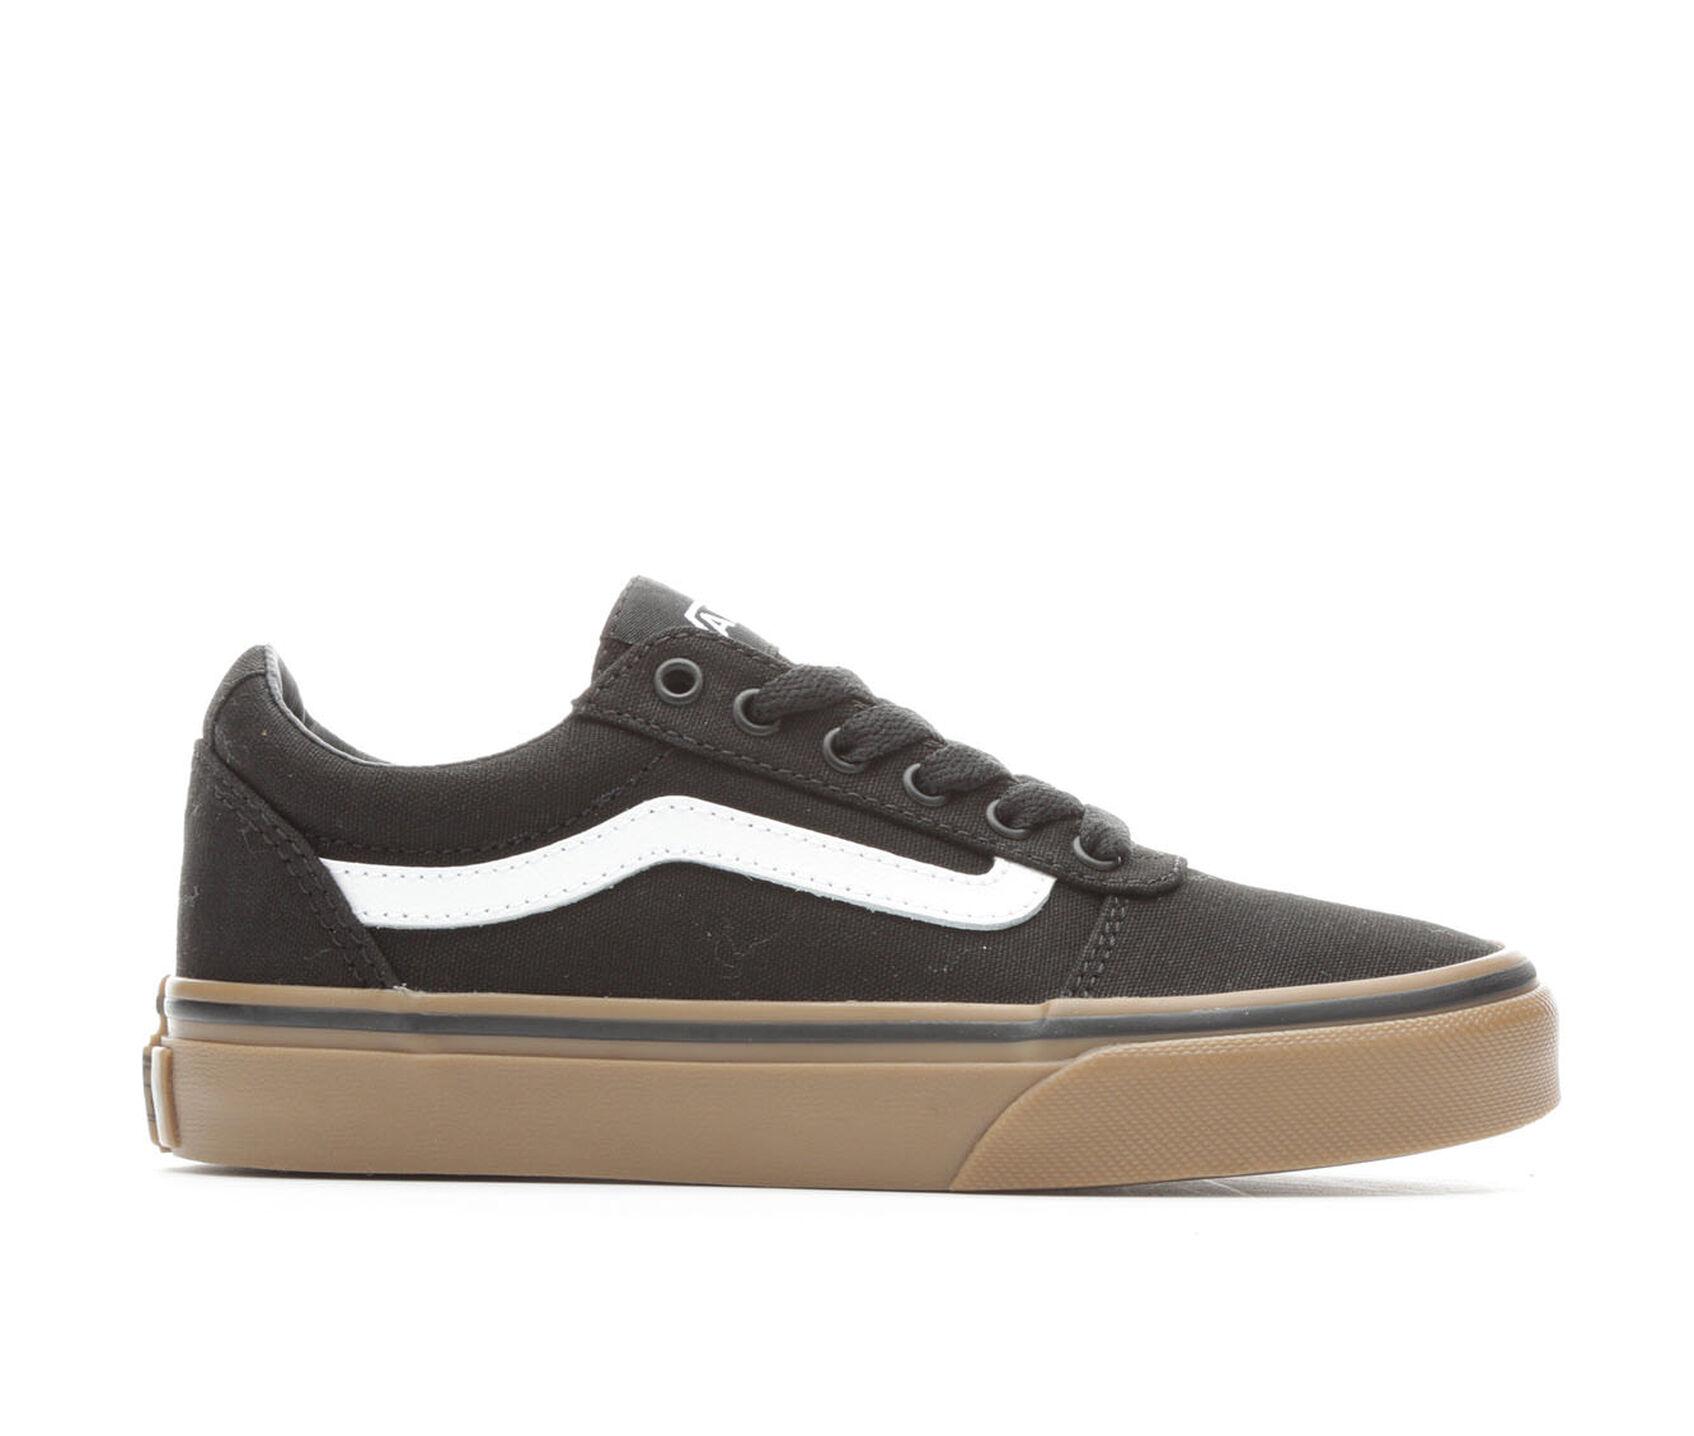 52d9bbd1b19 Images. Kids  39  Vans Ward 10.5-7 Skate Shoes